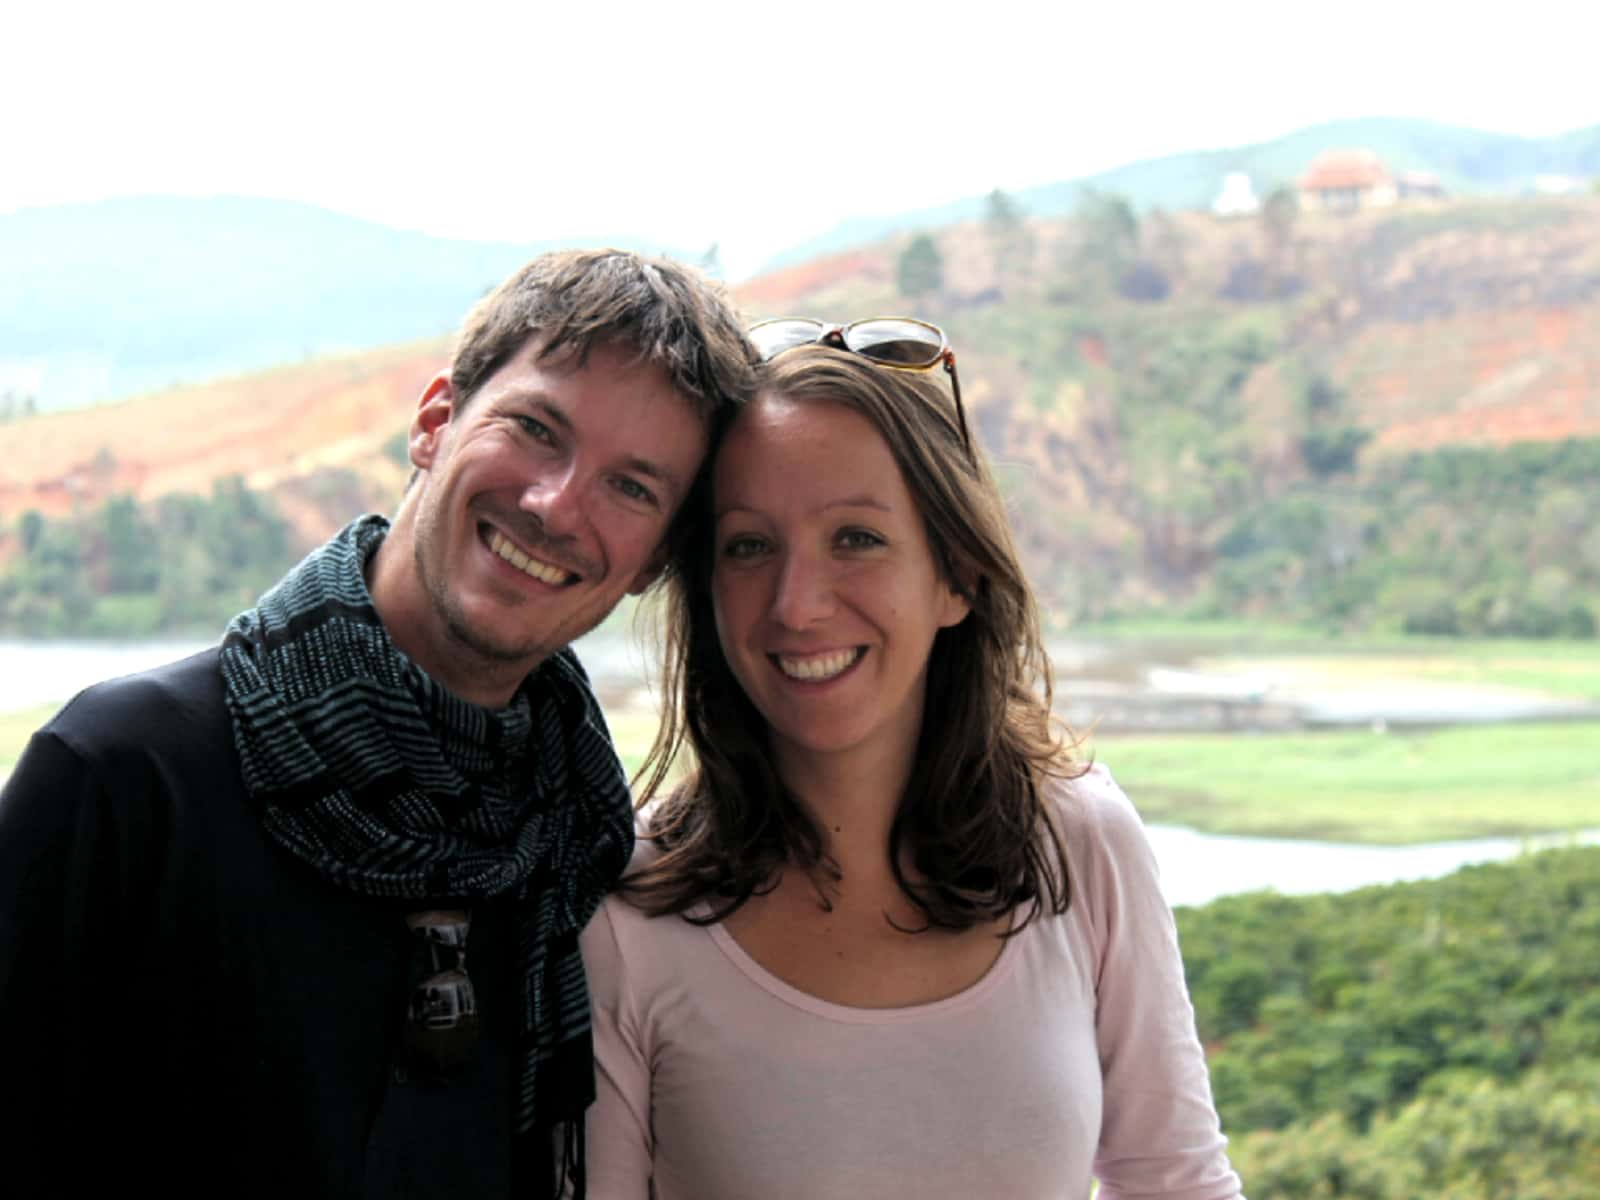 Sophie & Sébastien from Tolochenaz, Switzerland